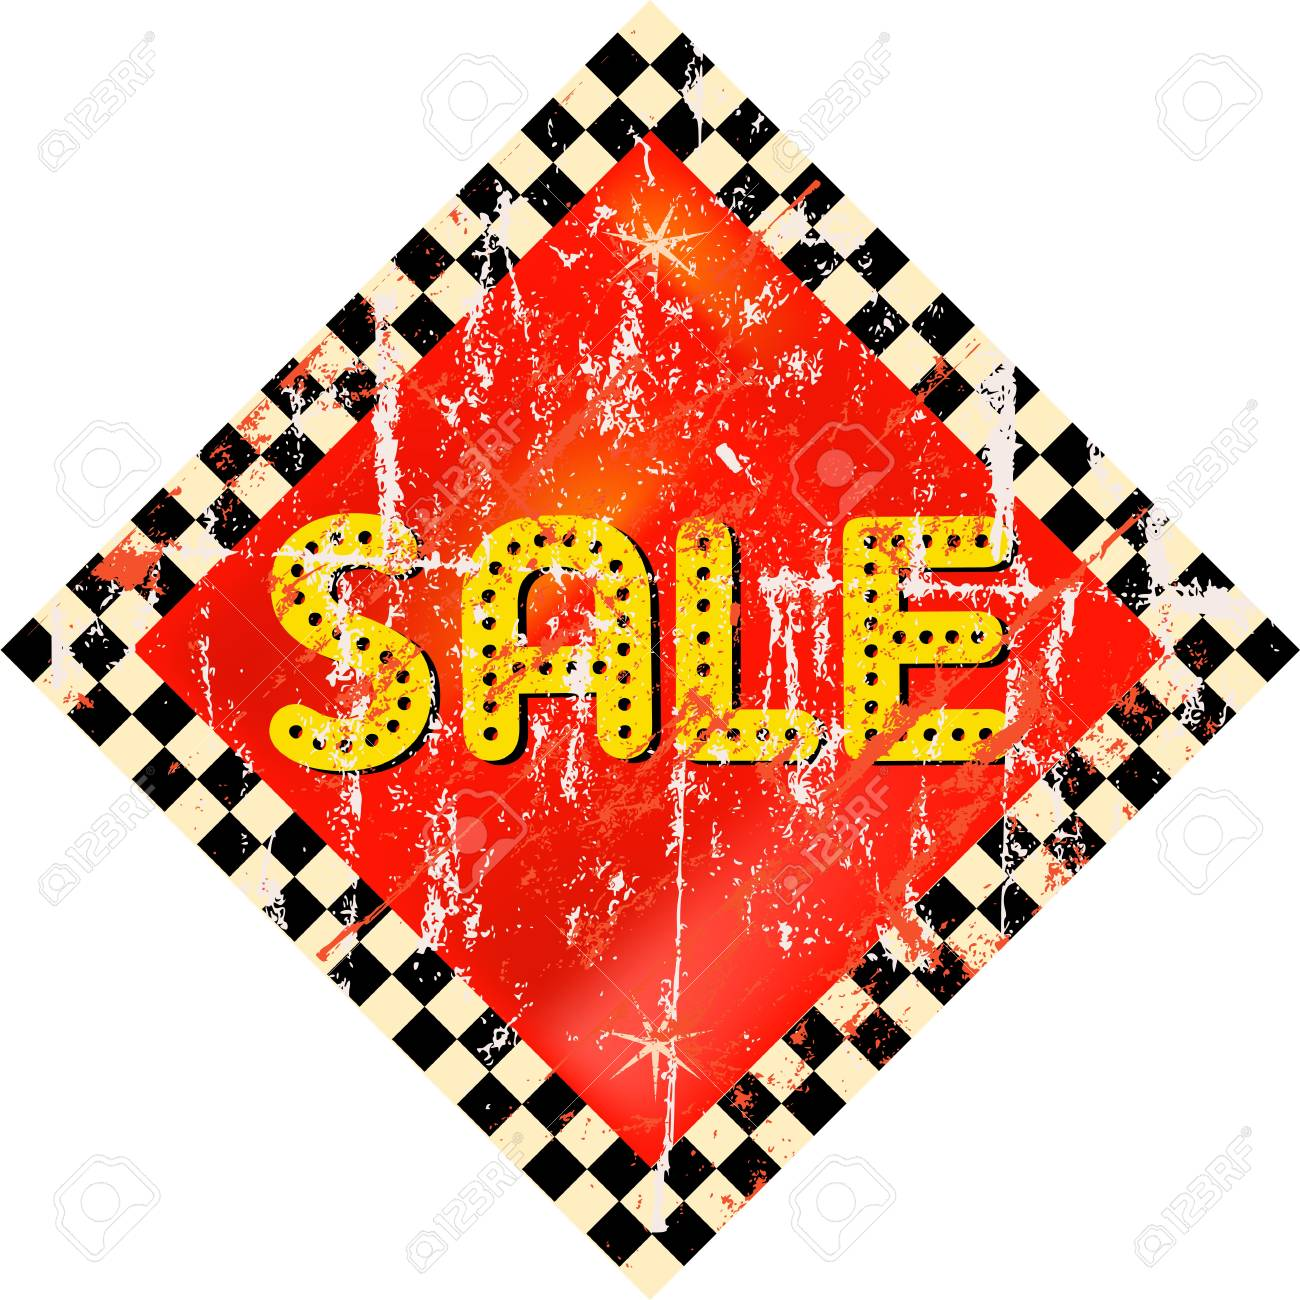 vintage sale sign, illustration Stock Vector - 17092168